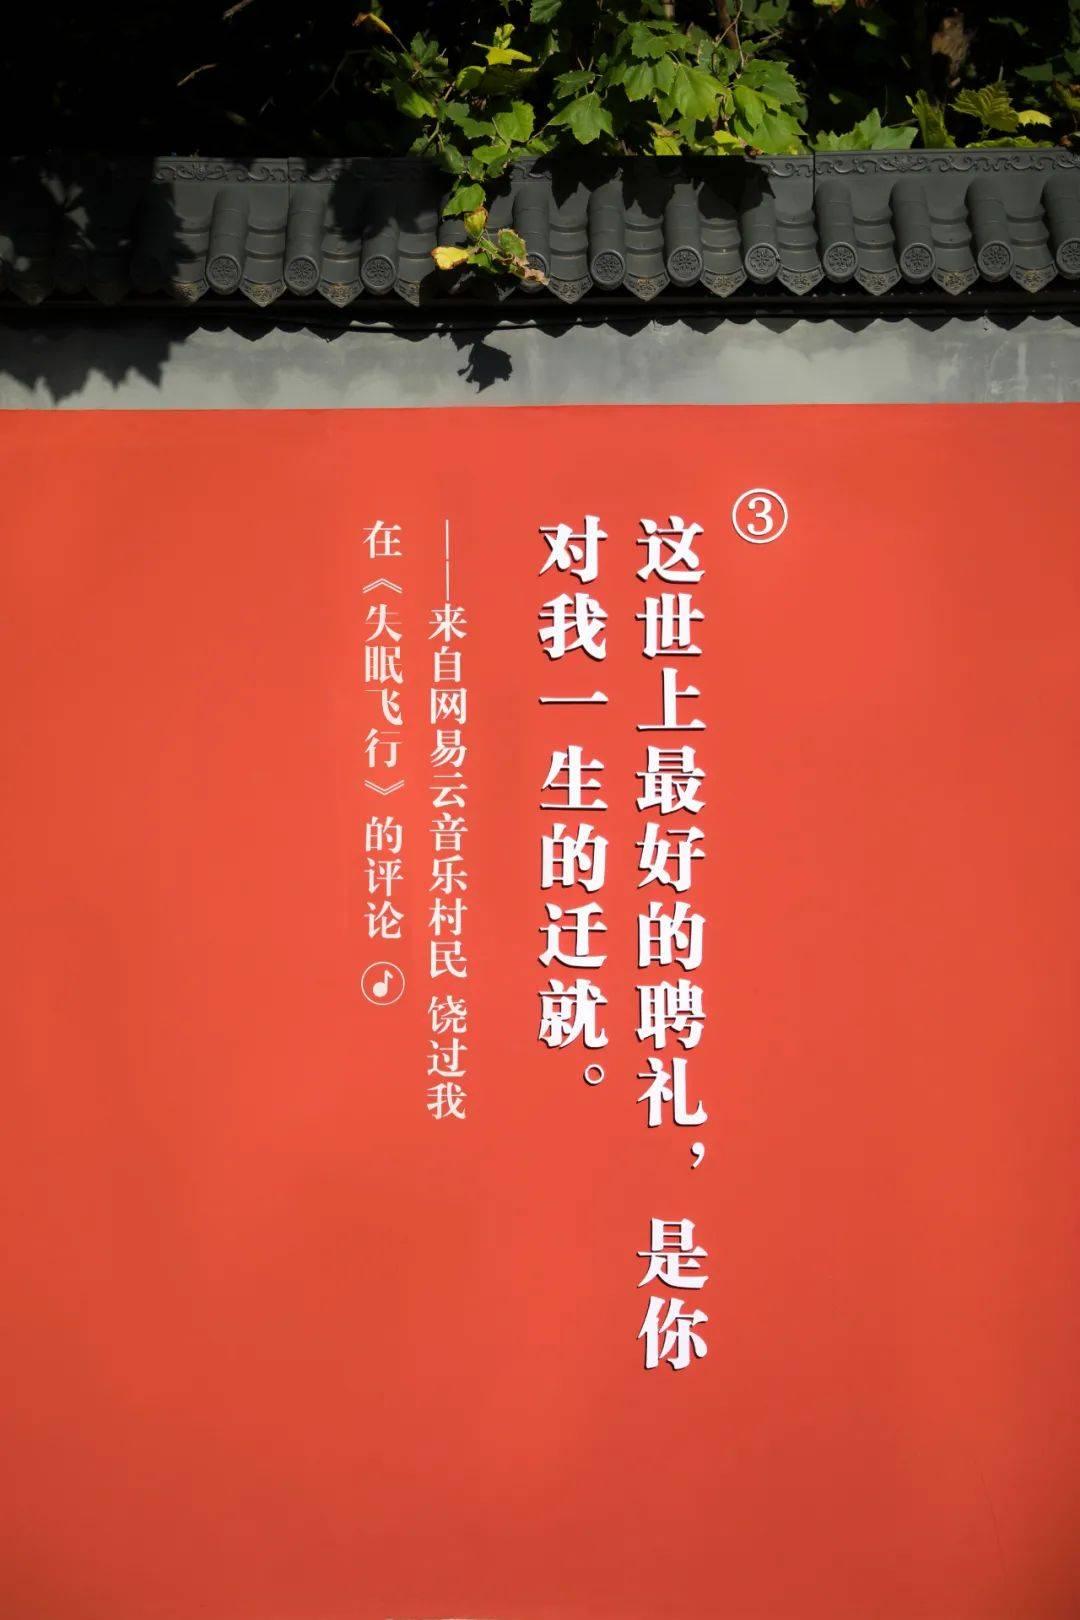 16533373946141aaa2476de2.23788049 - 网易云音乐,一本情感营销的教科书